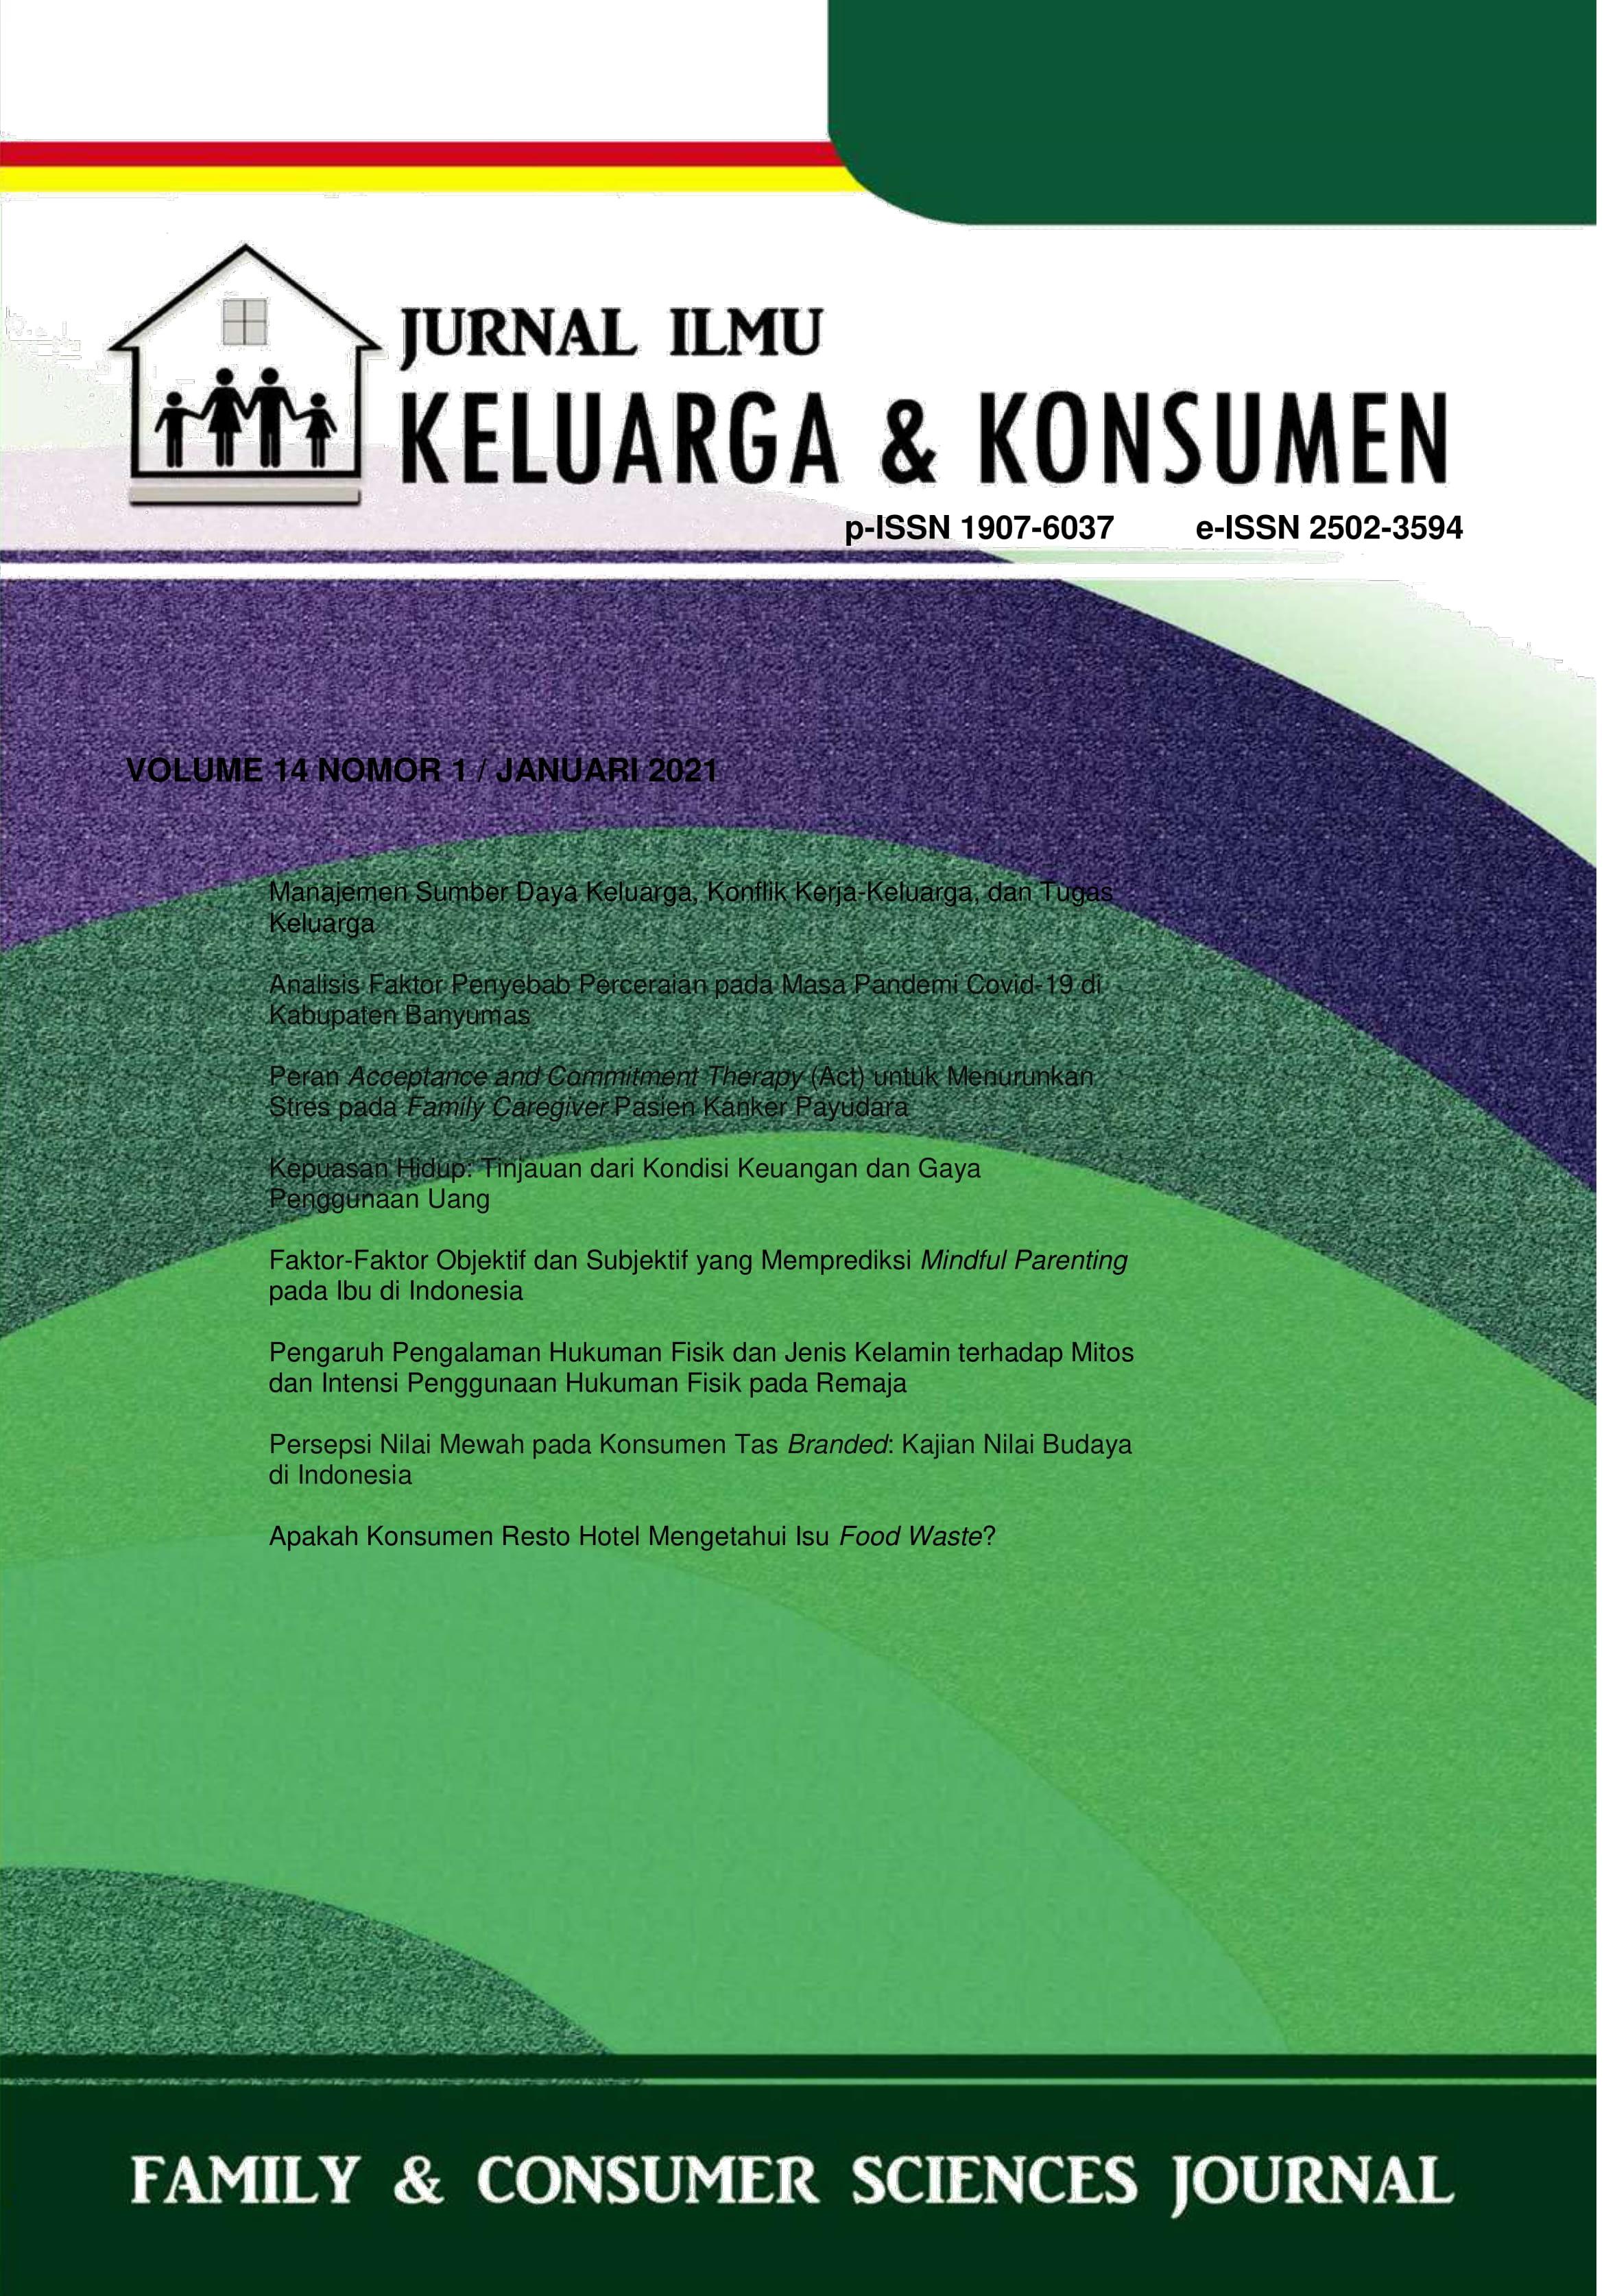 Jurnal Ilmu Keluarga dan Konsumen Volume 14 Nomor 1